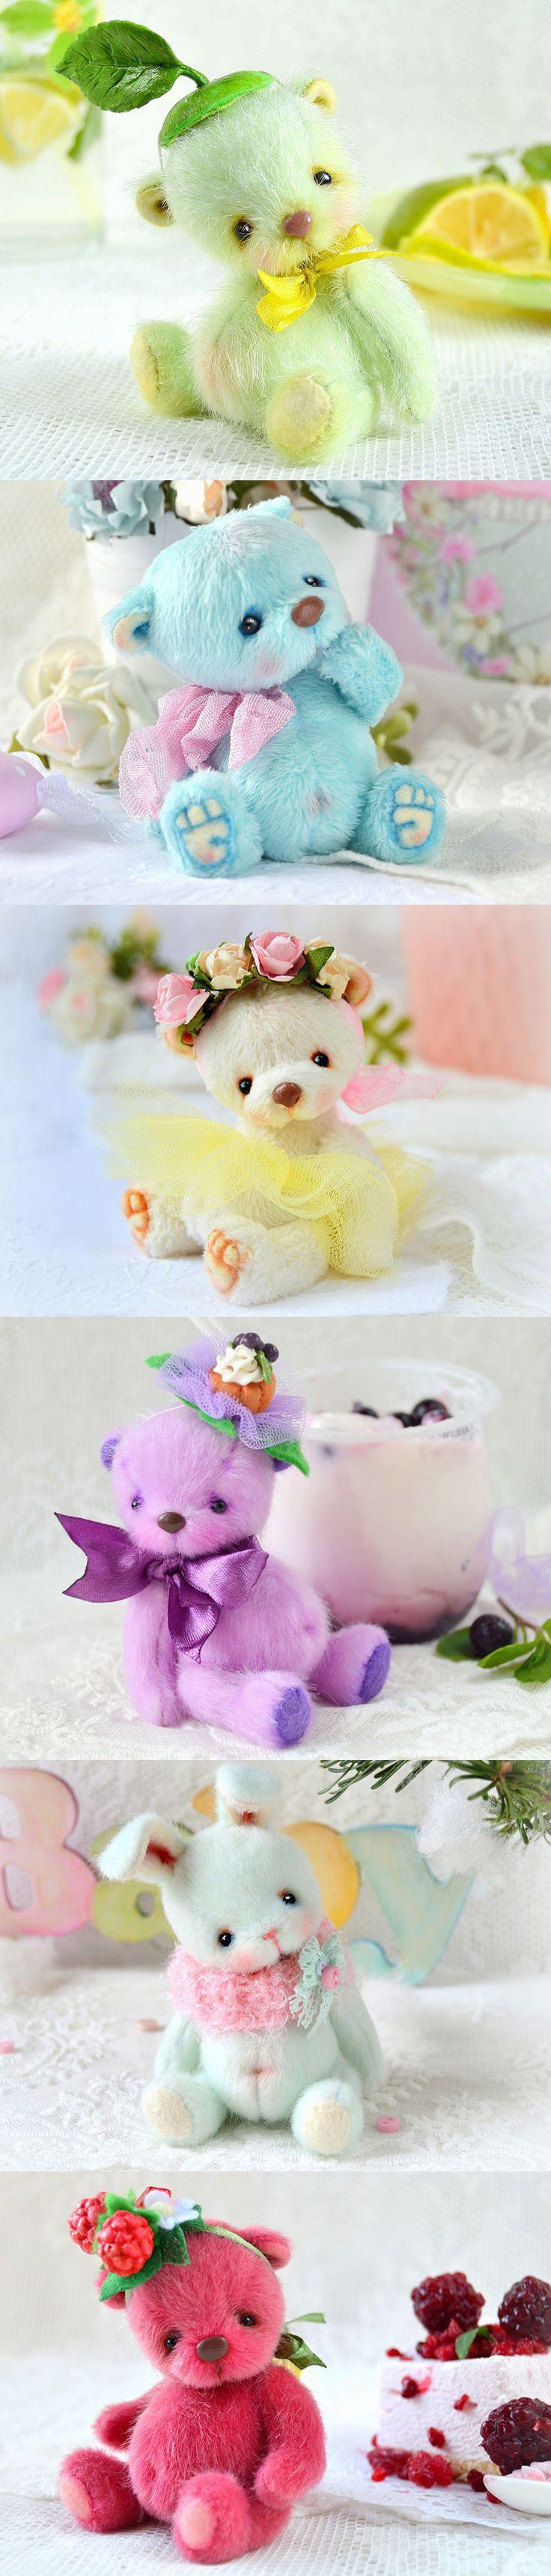 Cute teddy bears by Tanya Golub